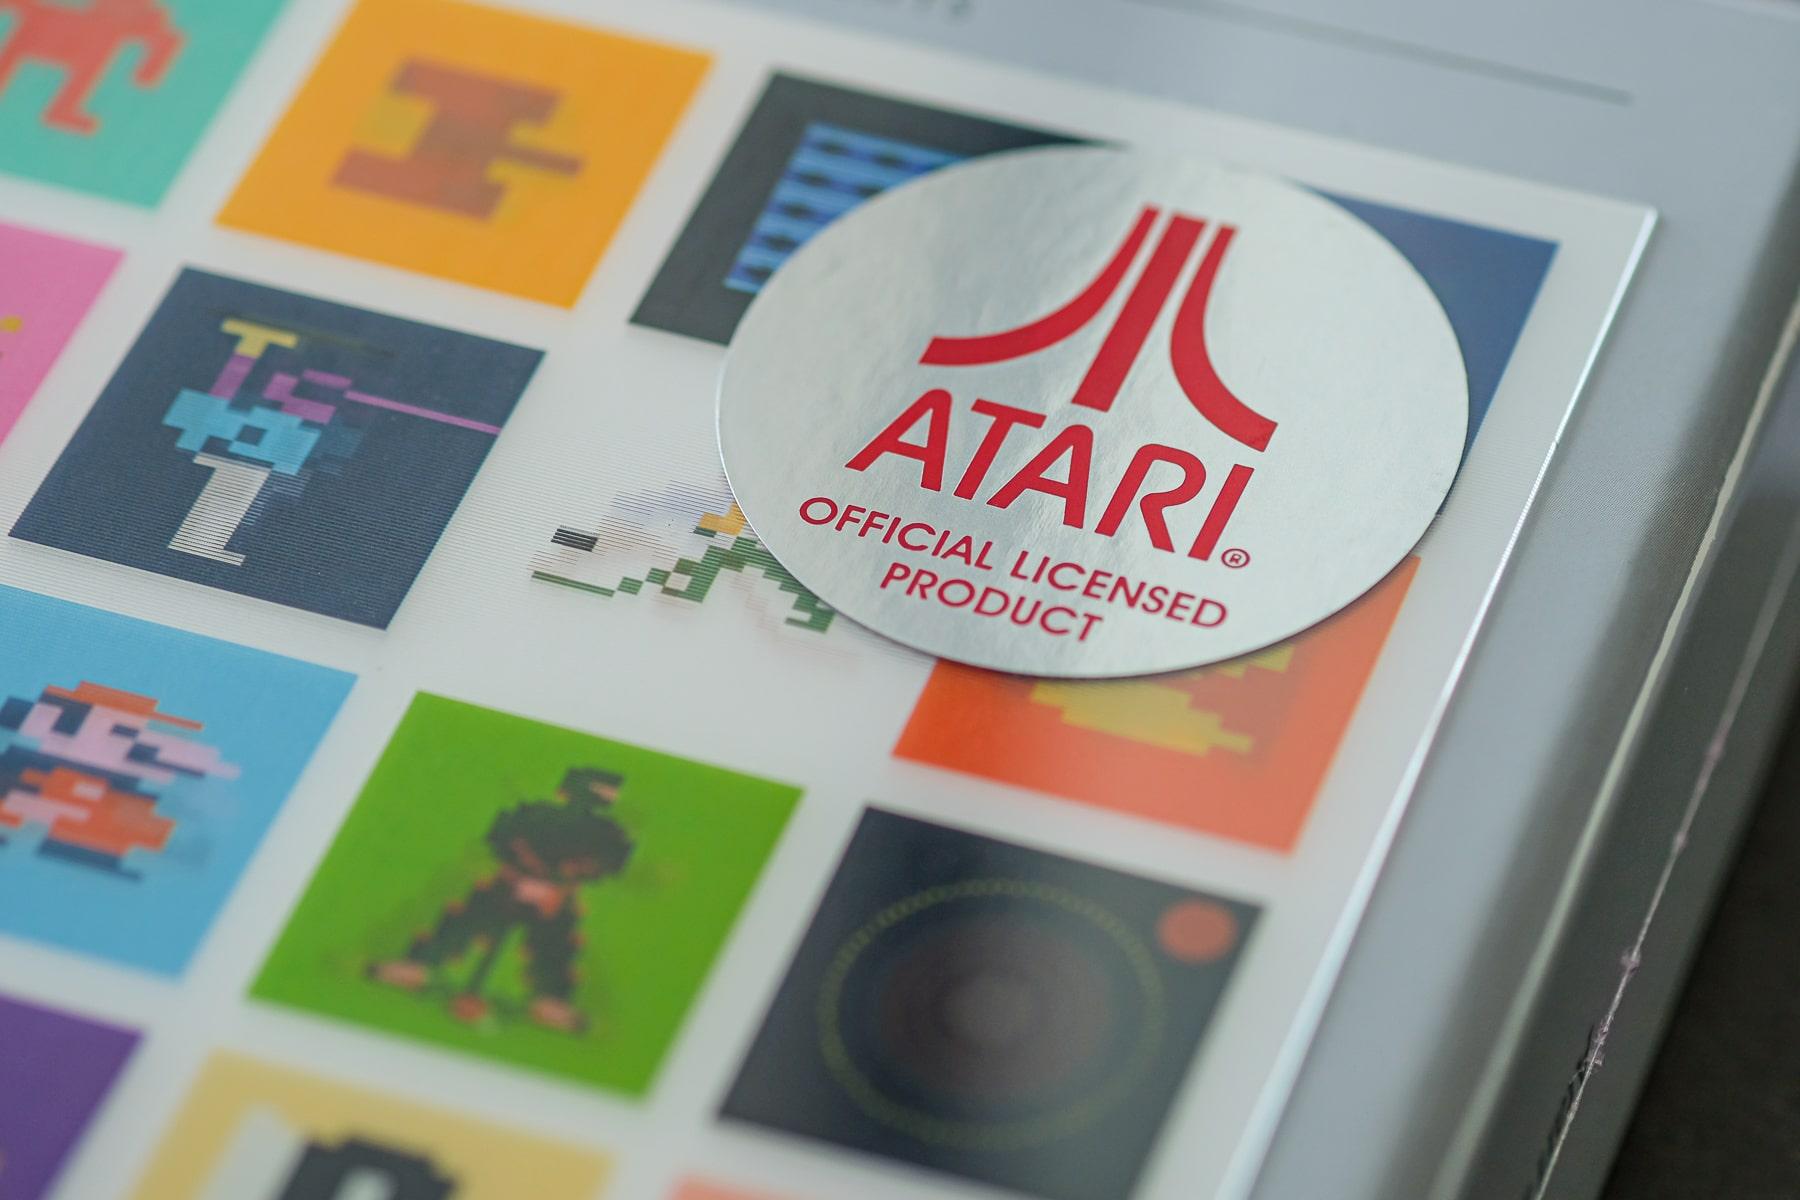 Atari 2600 7800 a visual compendium